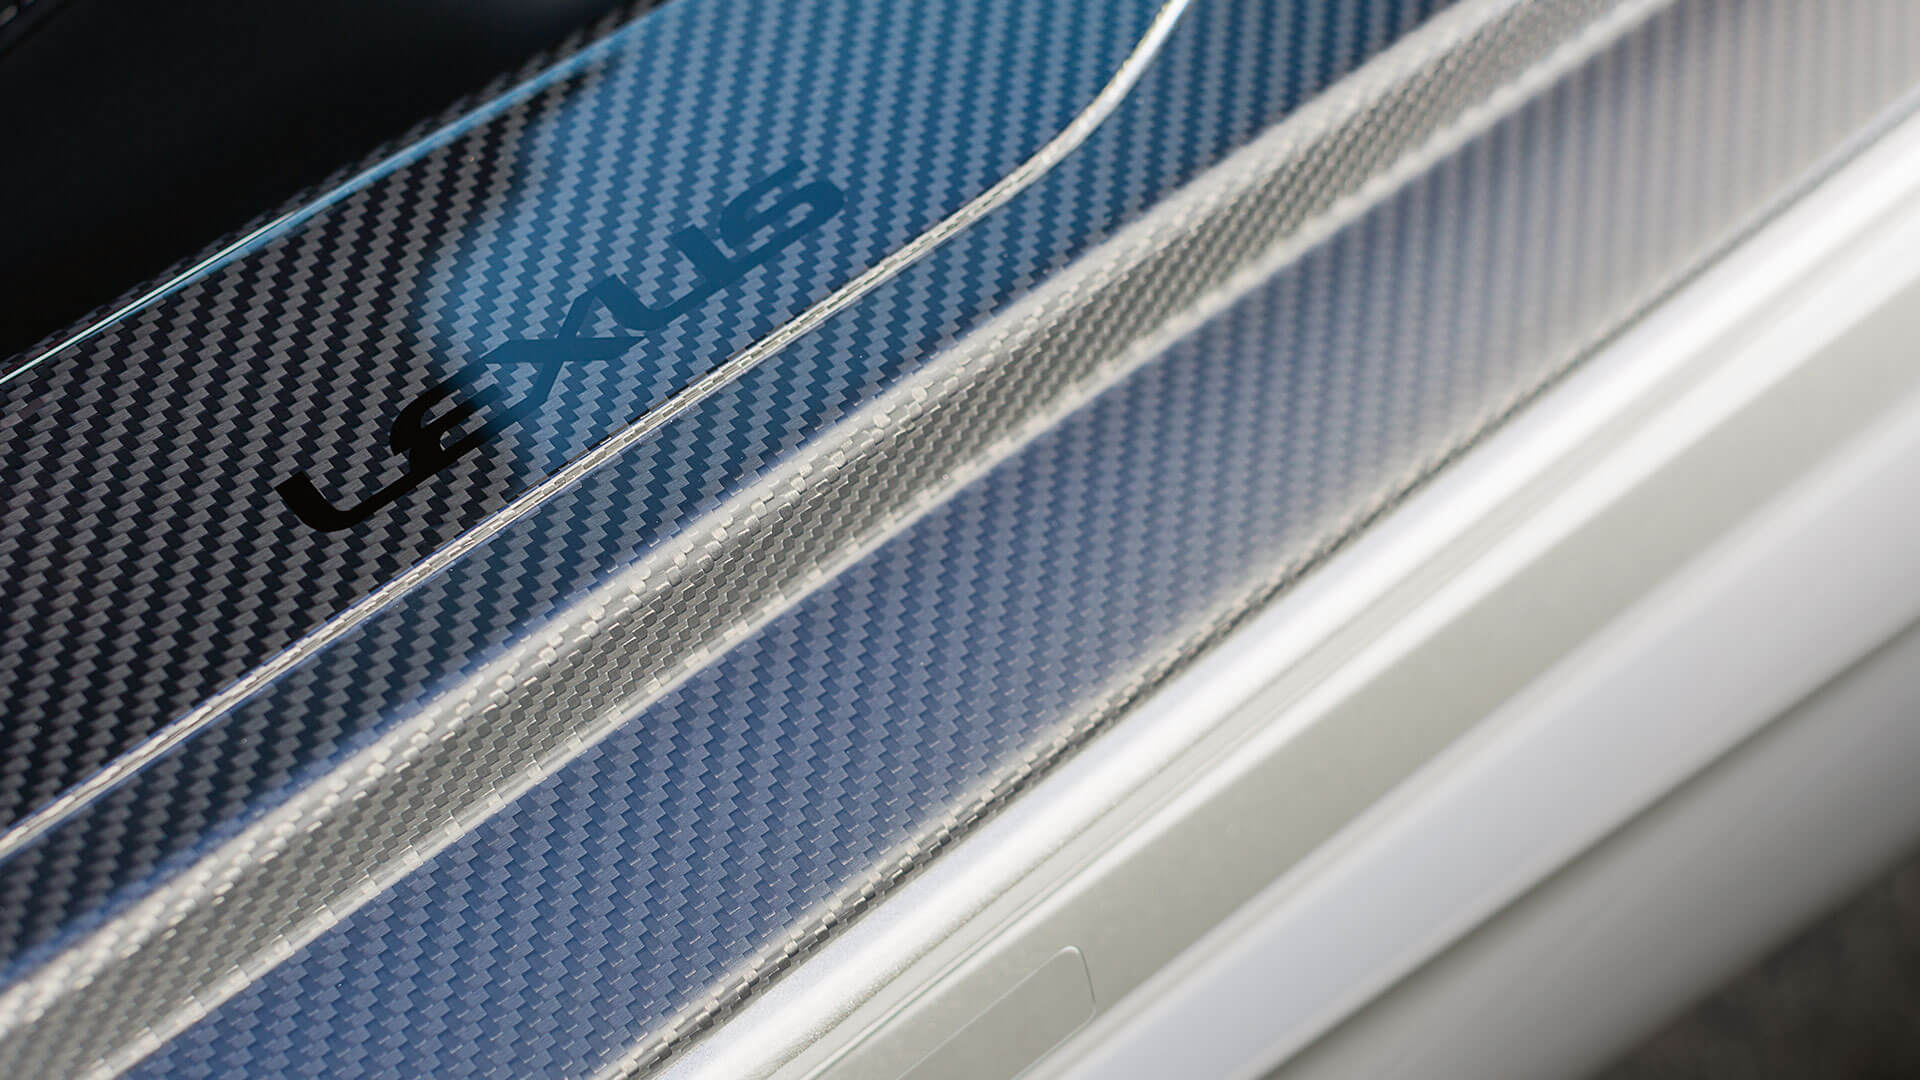 2017 lexus lc 500h features carbon fibre technology